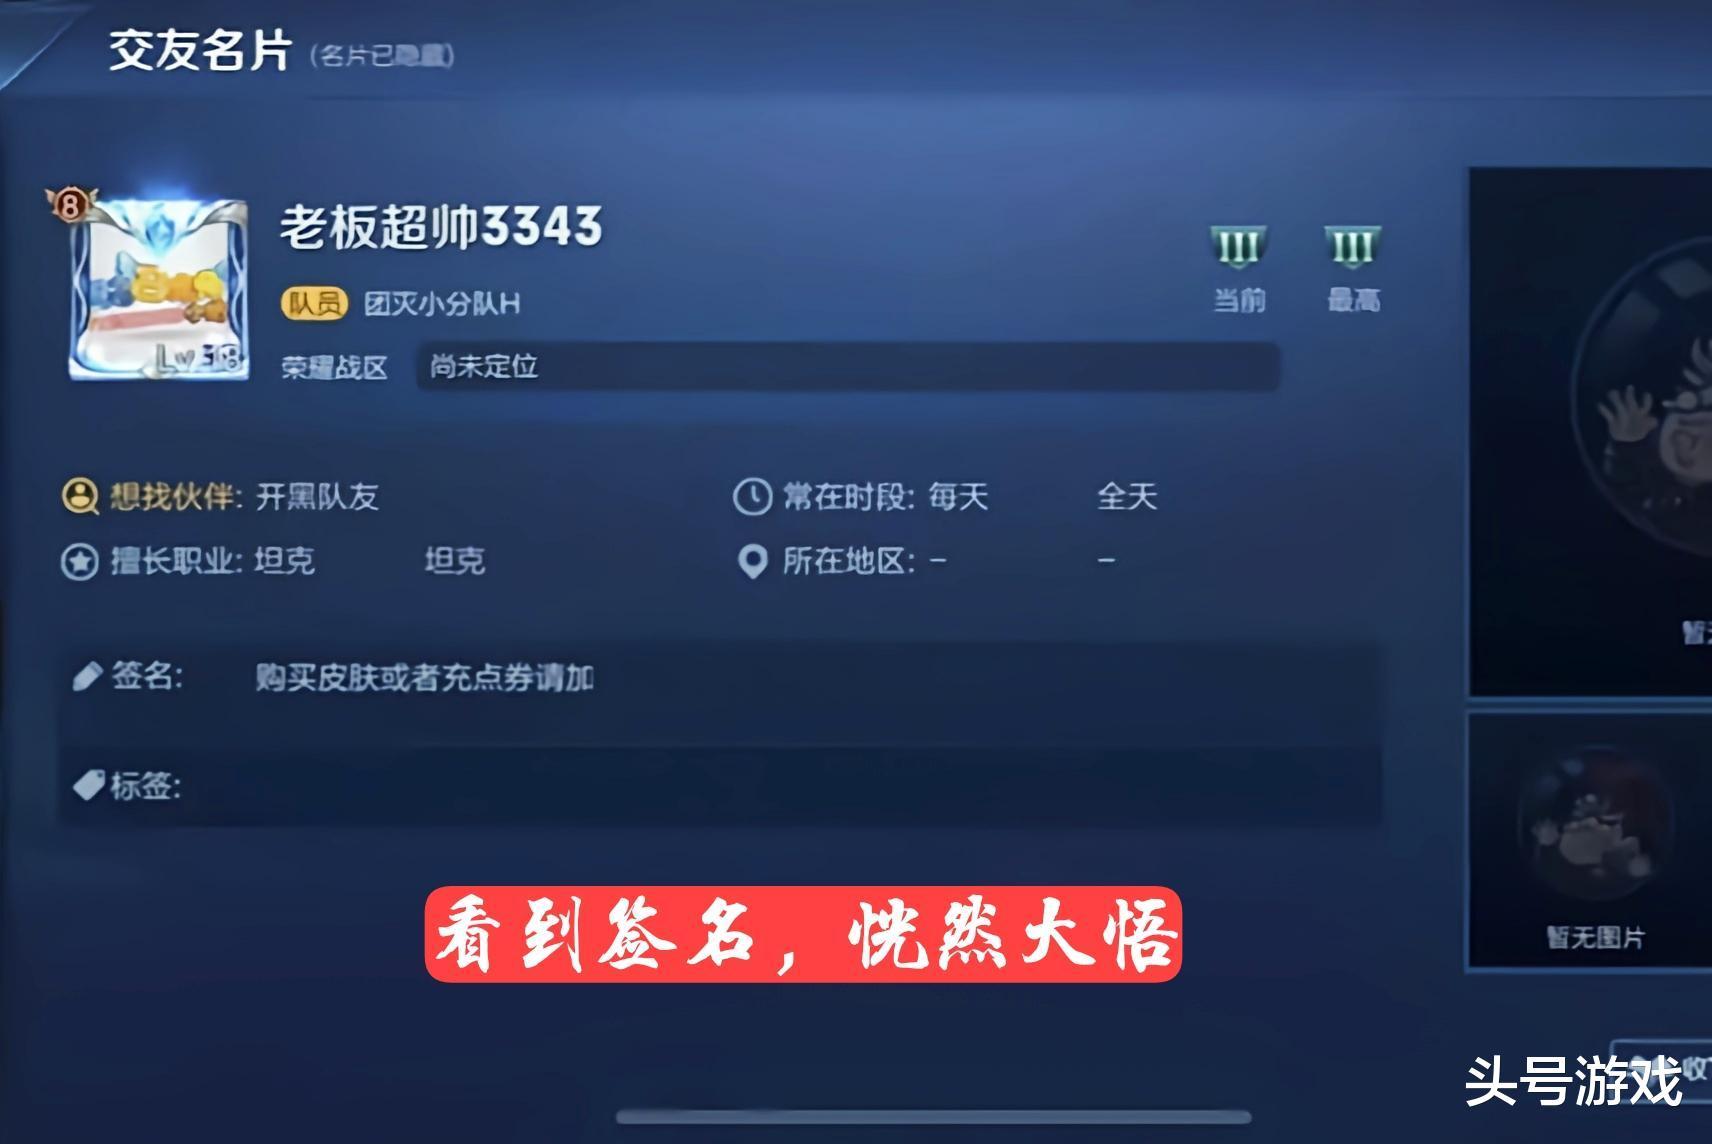 王者荣耀:价值61万的账号什么样?看到主页懵了,玩家果断举报